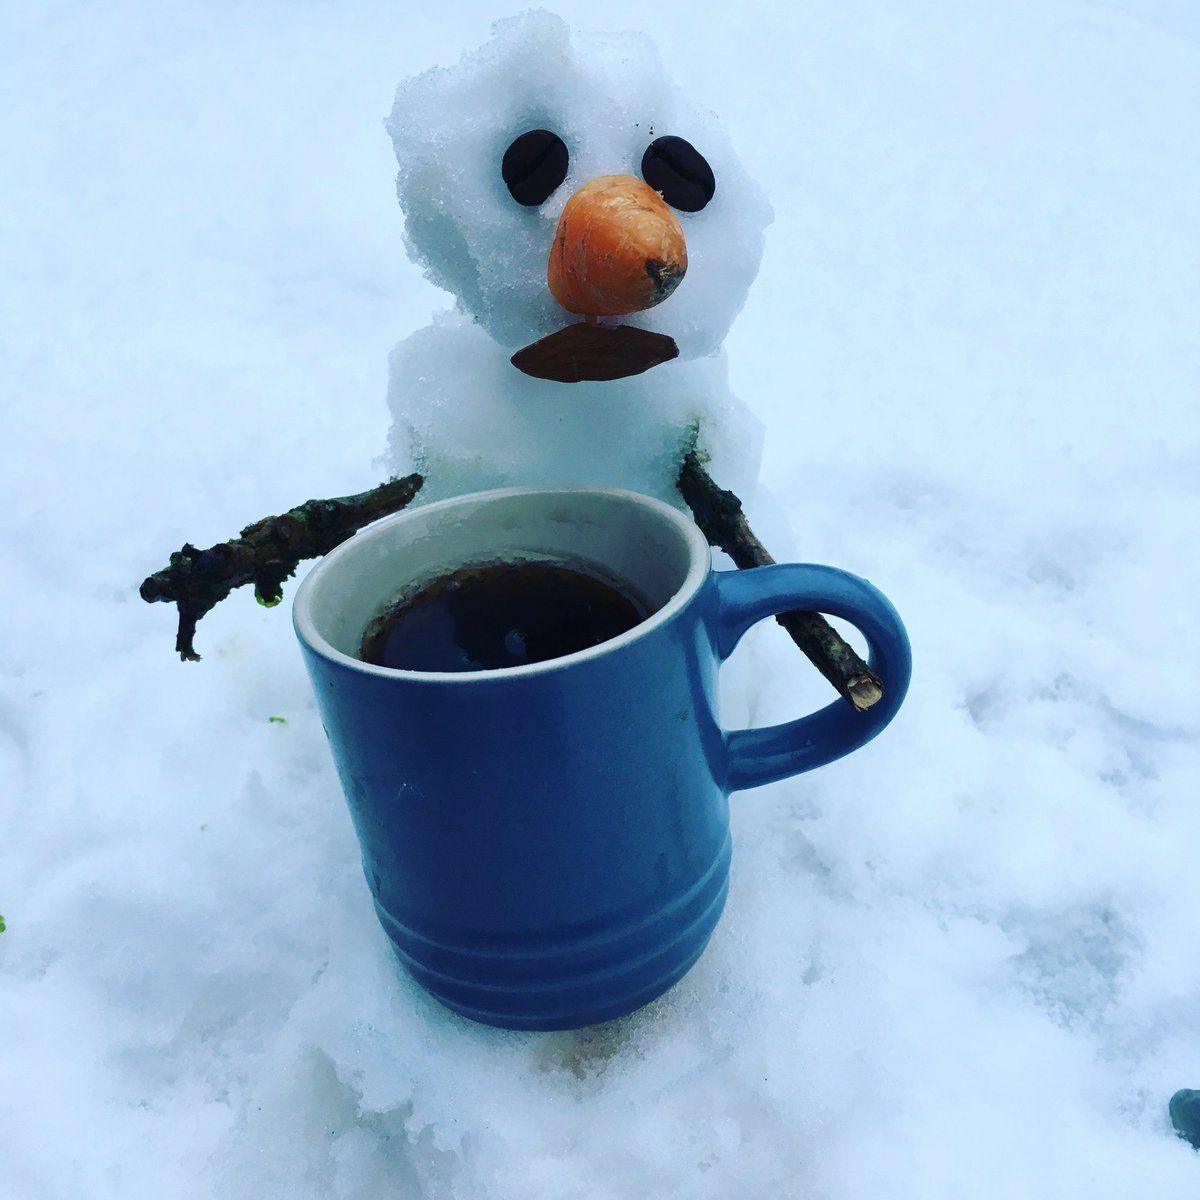 Kékekstető havazás - és egy forró kávé